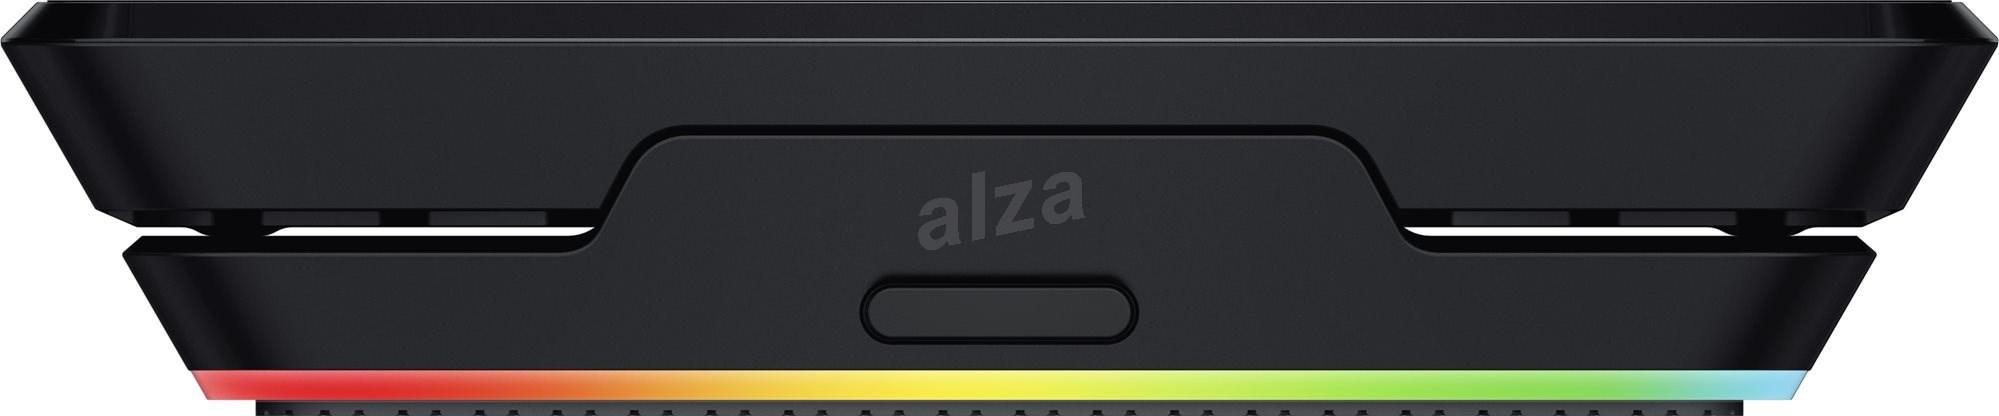 Razer GMBH Vezeték nélküli töltő Razer 2 telefonhoz  - EU - Vezeték nélküli töltő.